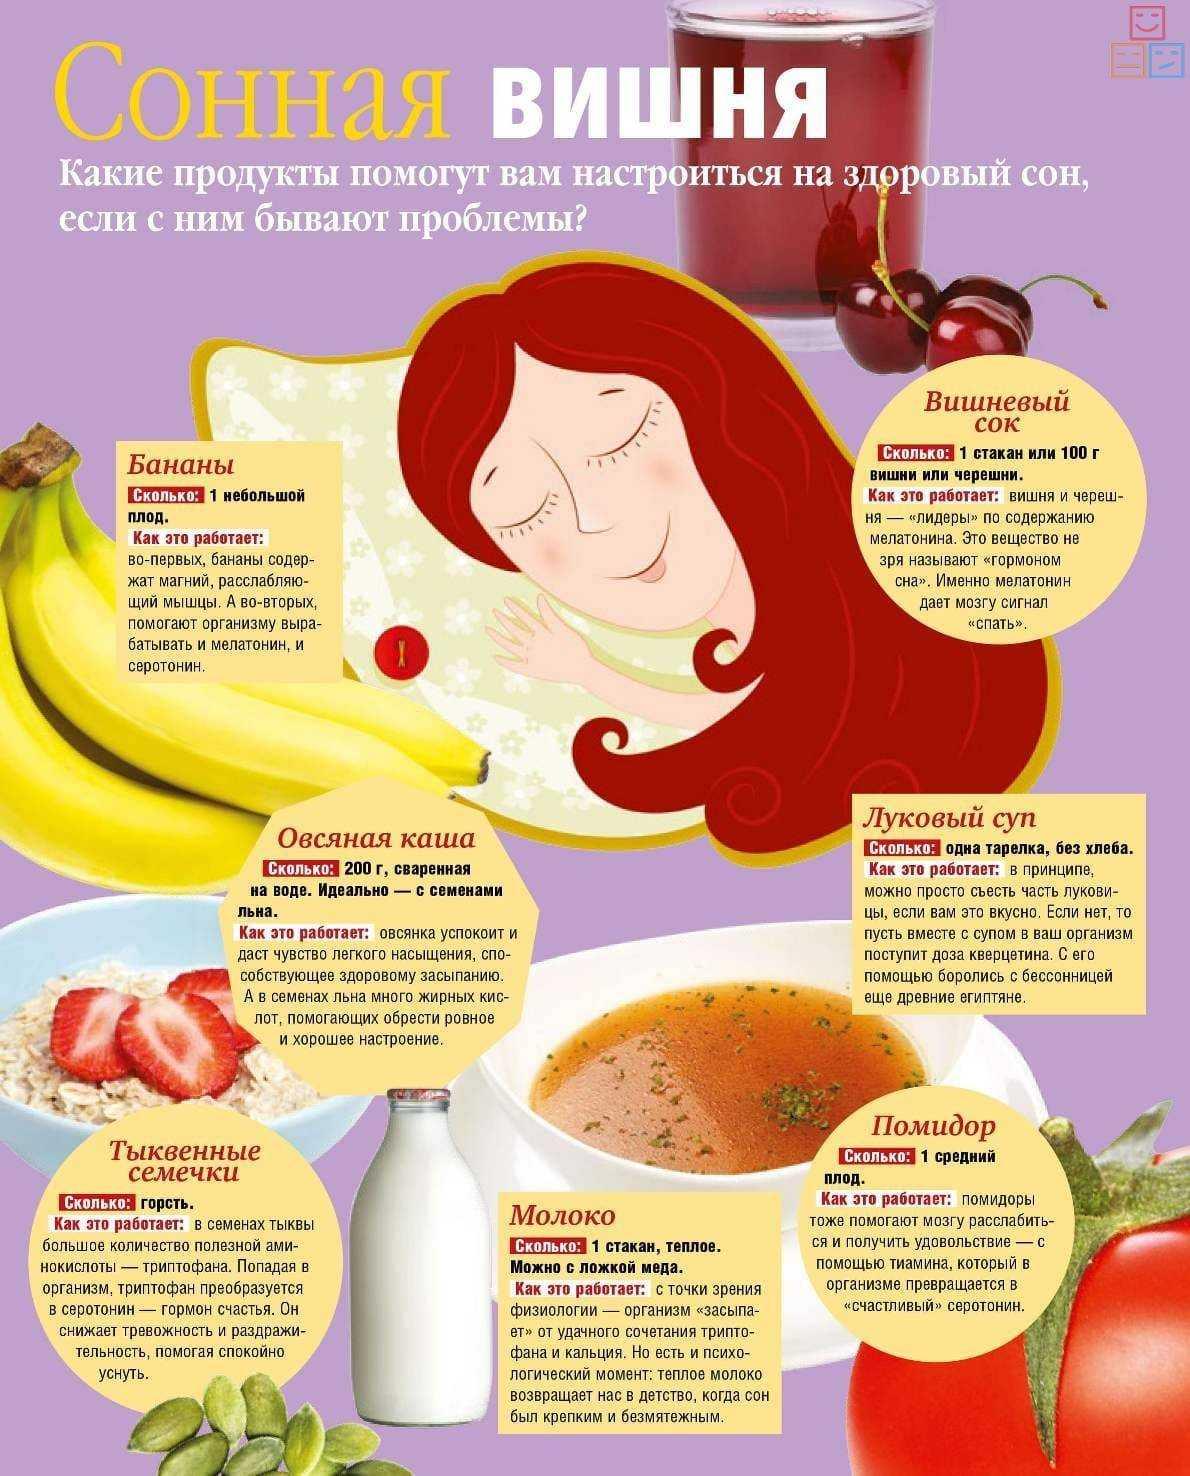 10 продуктов, которые можно есть перед сном